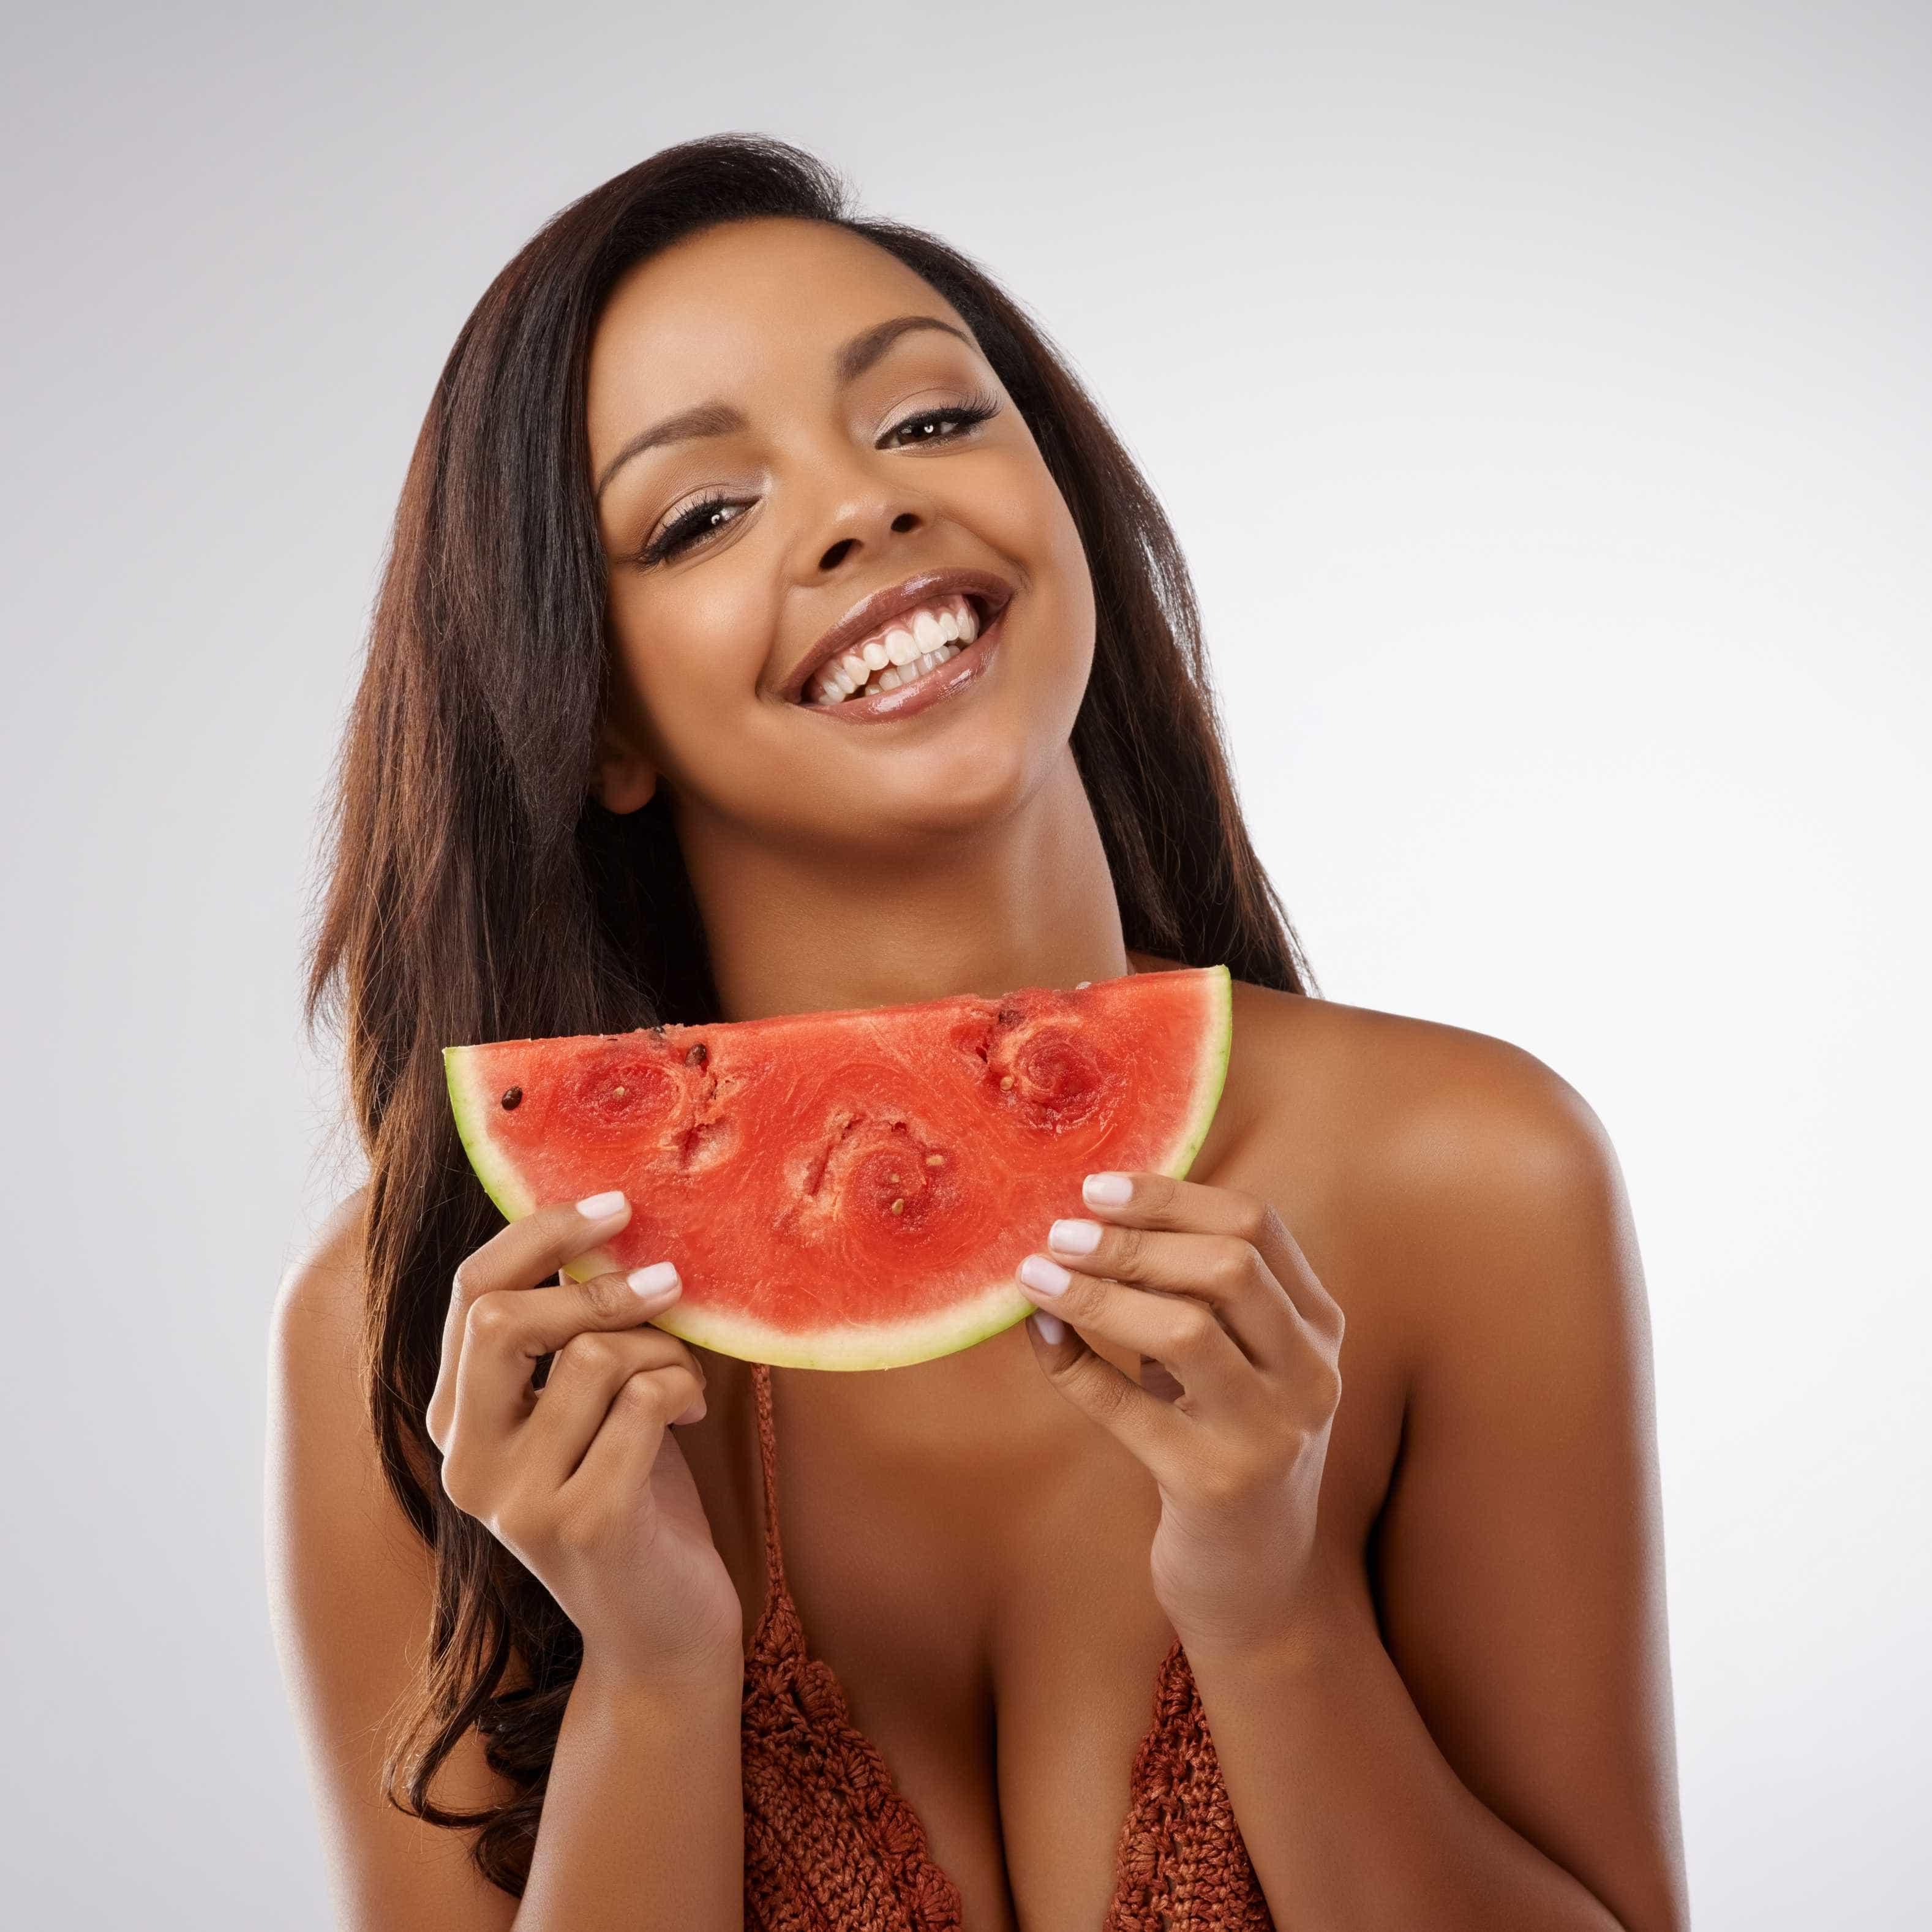 Quanta fruta posso comer por dia sem prejudicar a dieta?